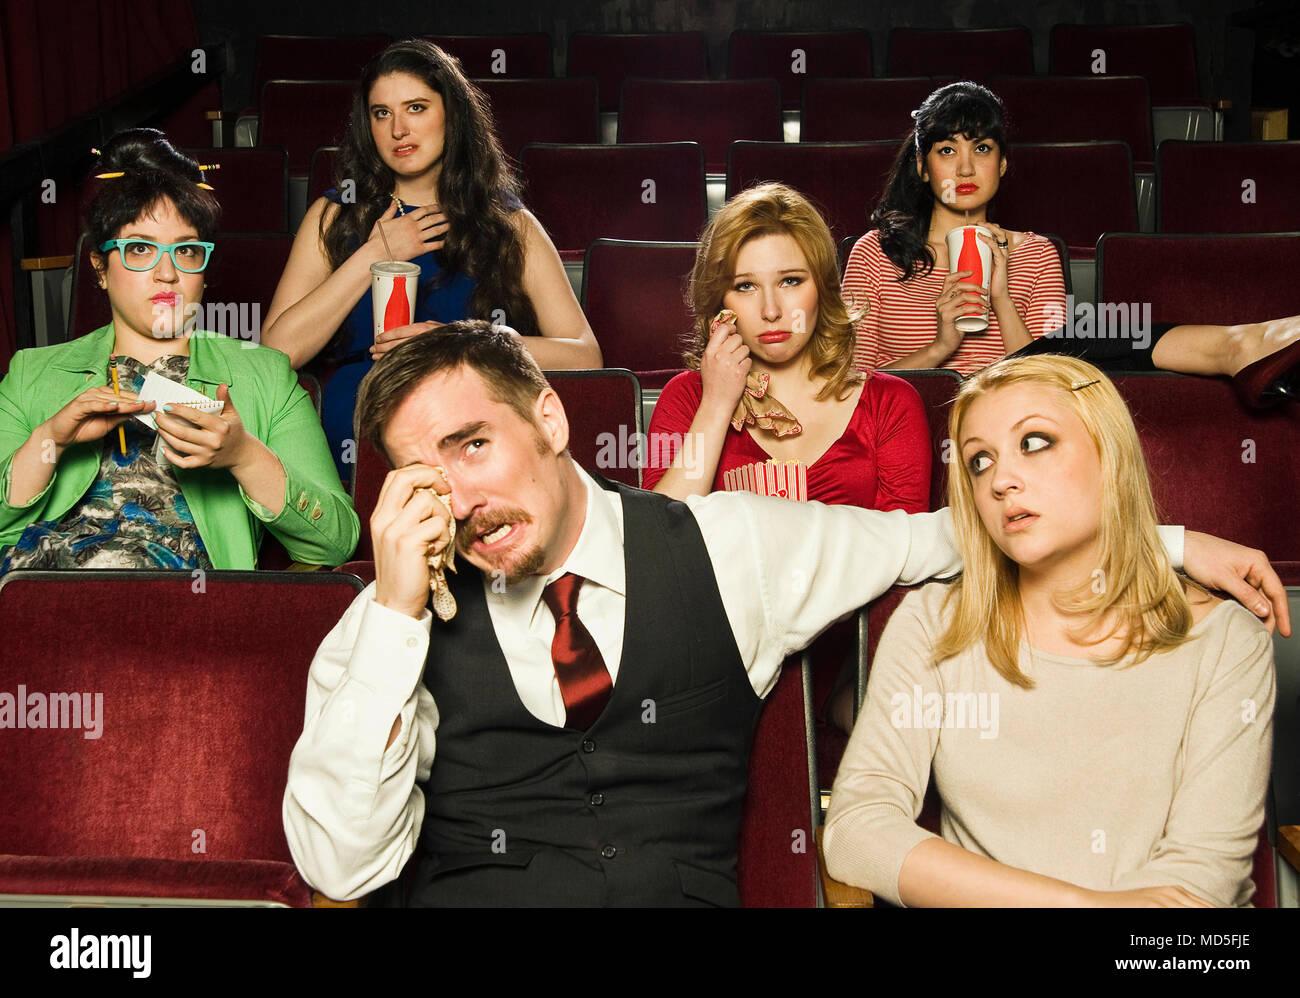 Un grupo de personas que reaccionan a una película en un cine. Imagen De Stock